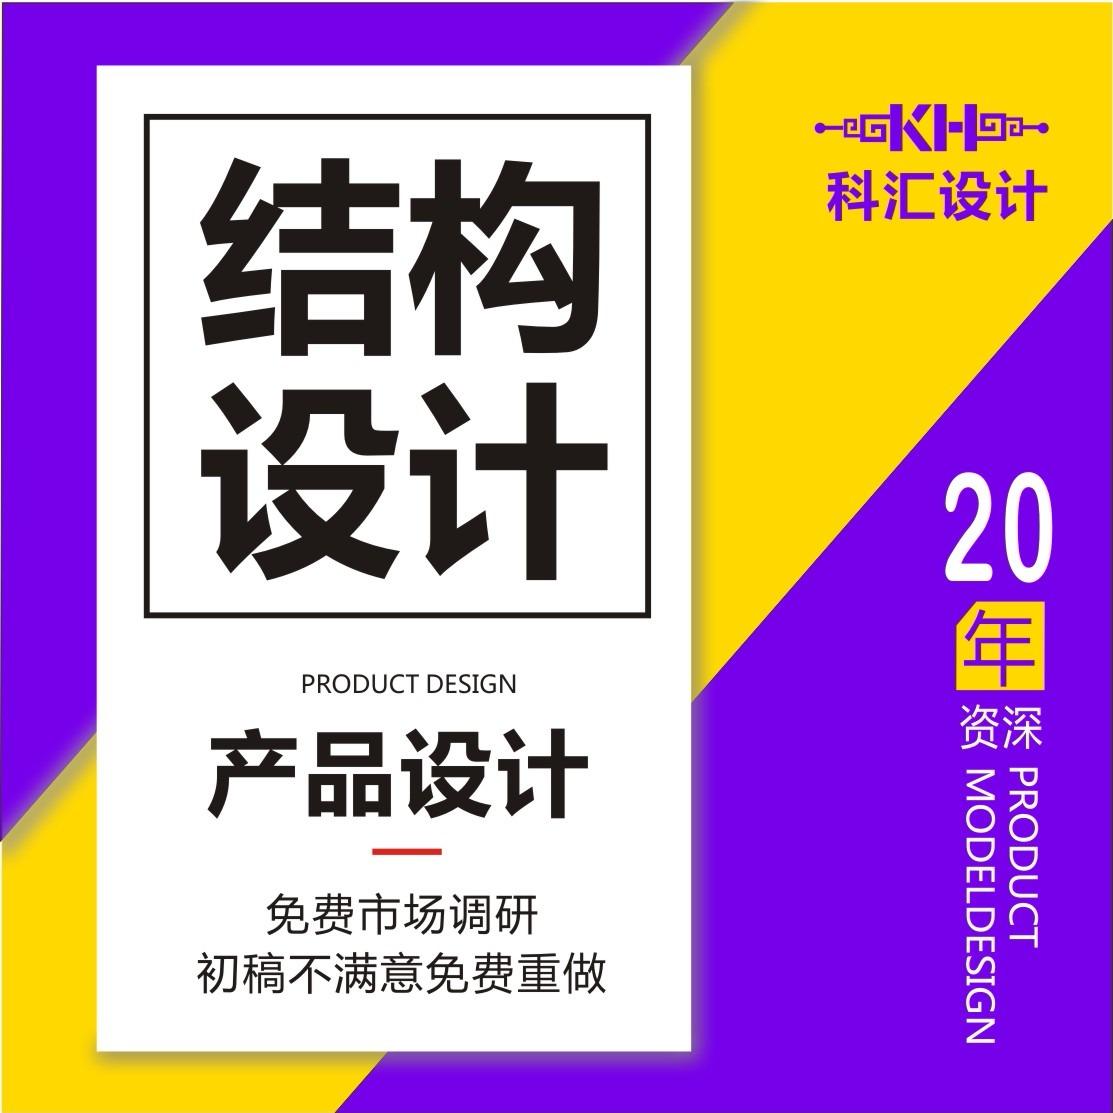 【科汇工业】结构设计/医疗器械/钣金/家电电器设计/文具礼品